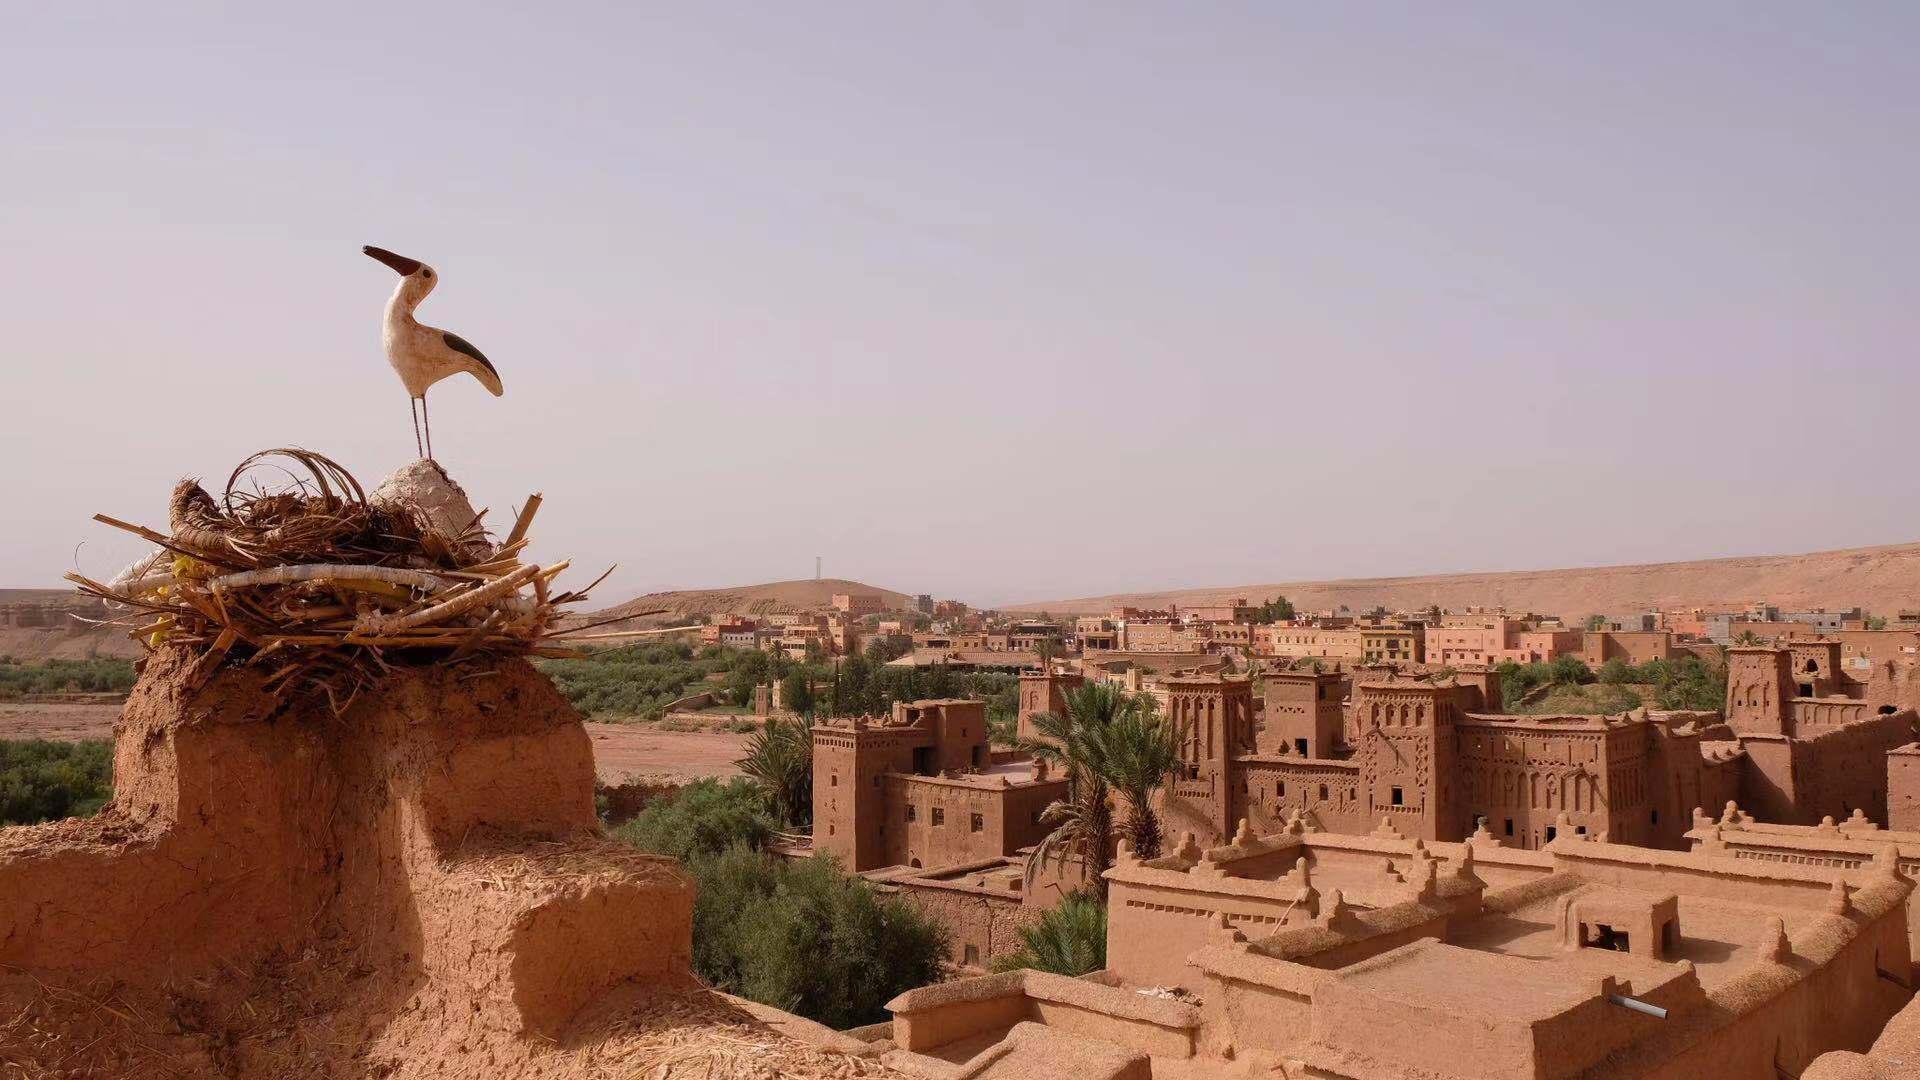 摩洛哥深度全景美食三飞14天游